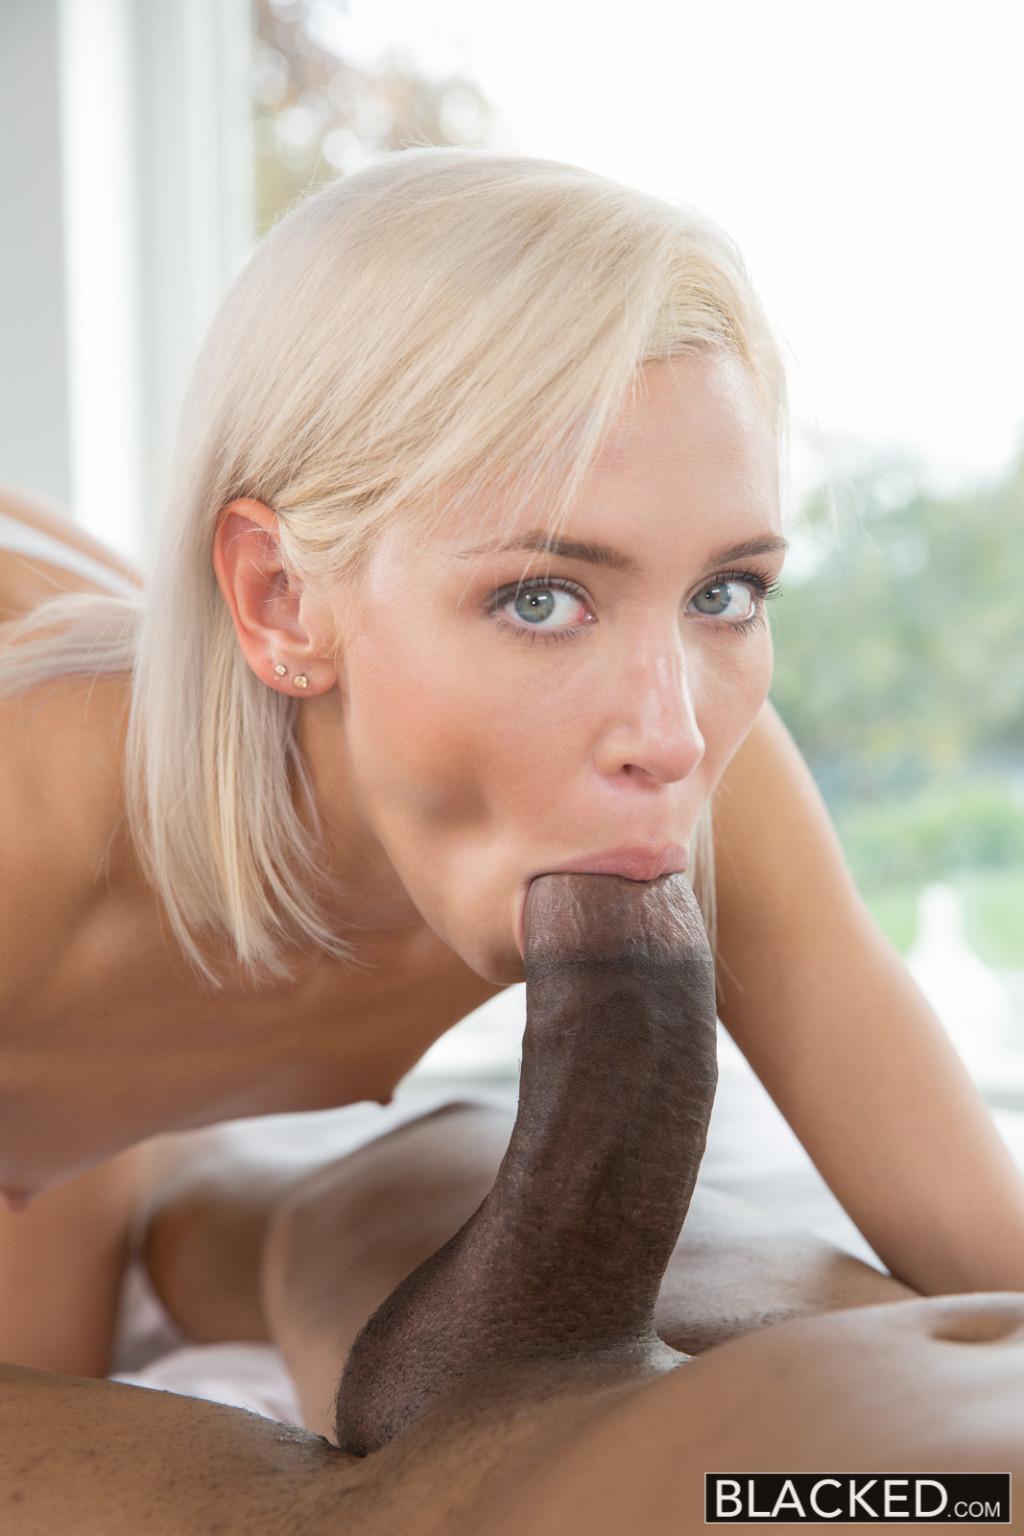 Крутая блонди давно мечтала о хорошем сексе с нигером, поэтому накидывается на него